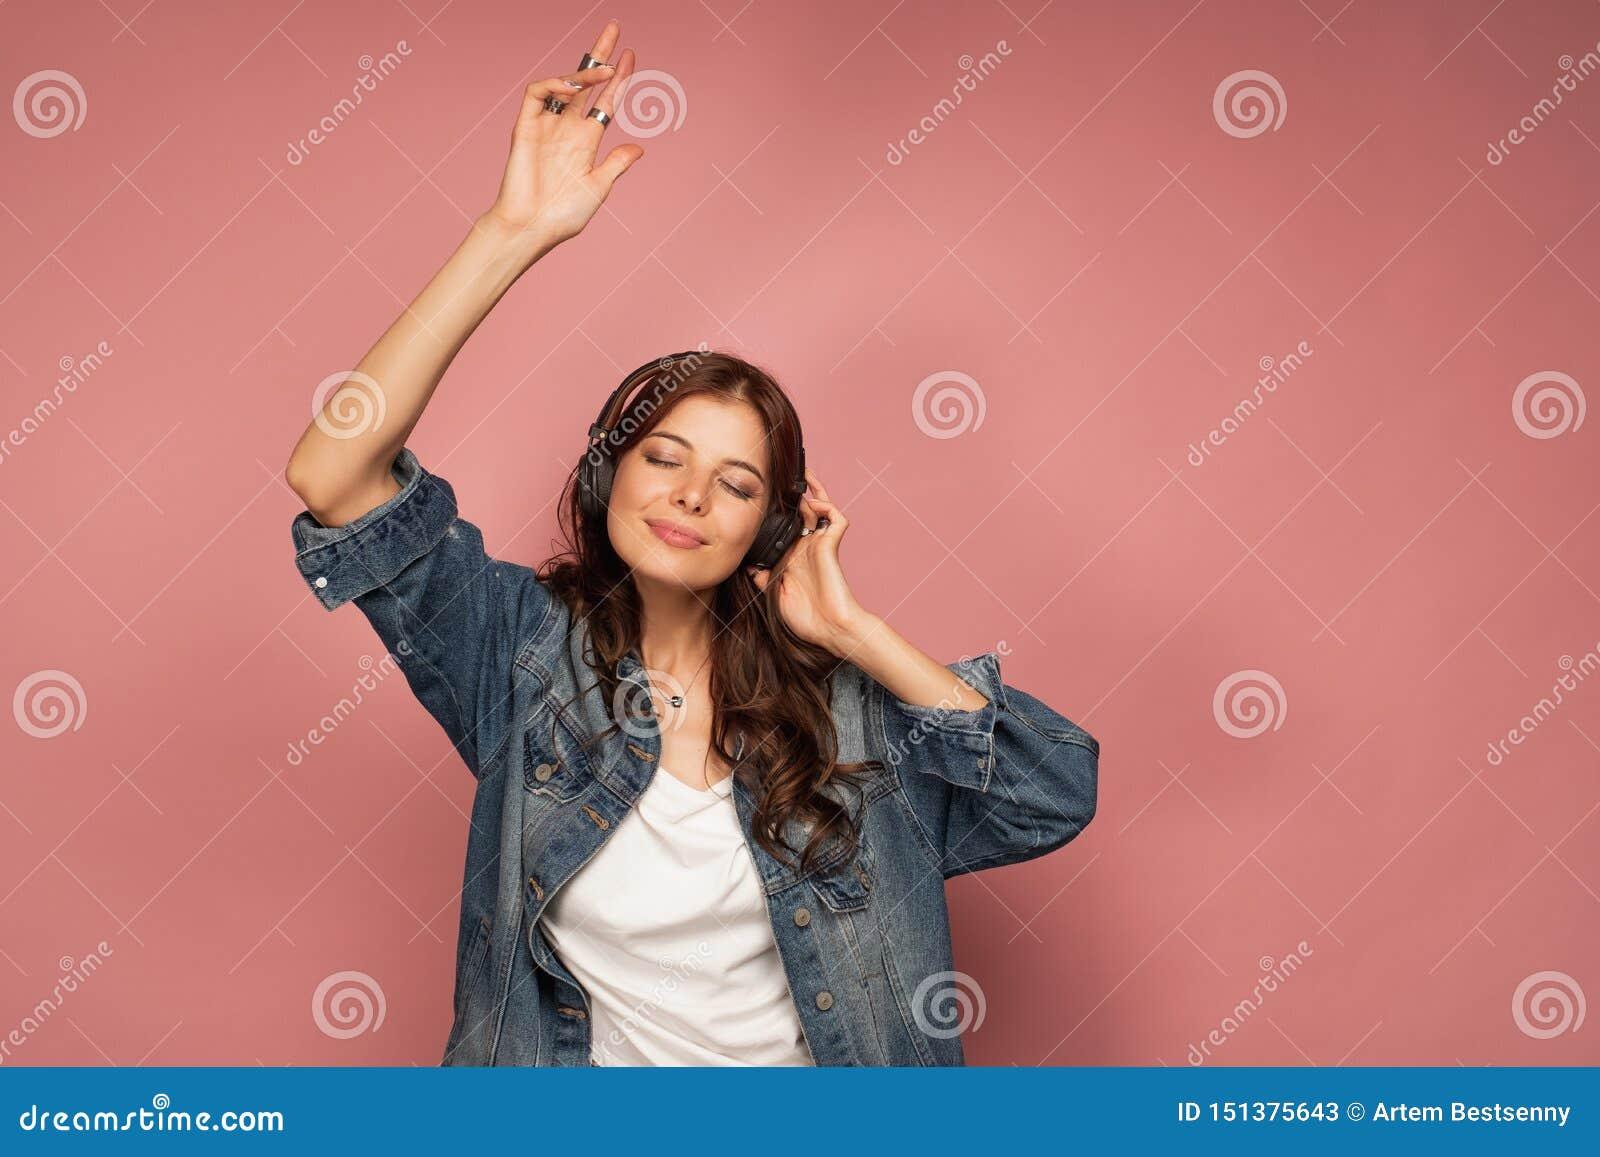 De jonge donkerharigedansen die van de muziek in haar hoofdtelefoons met haar ogen genieten sloten, roze achtergrond